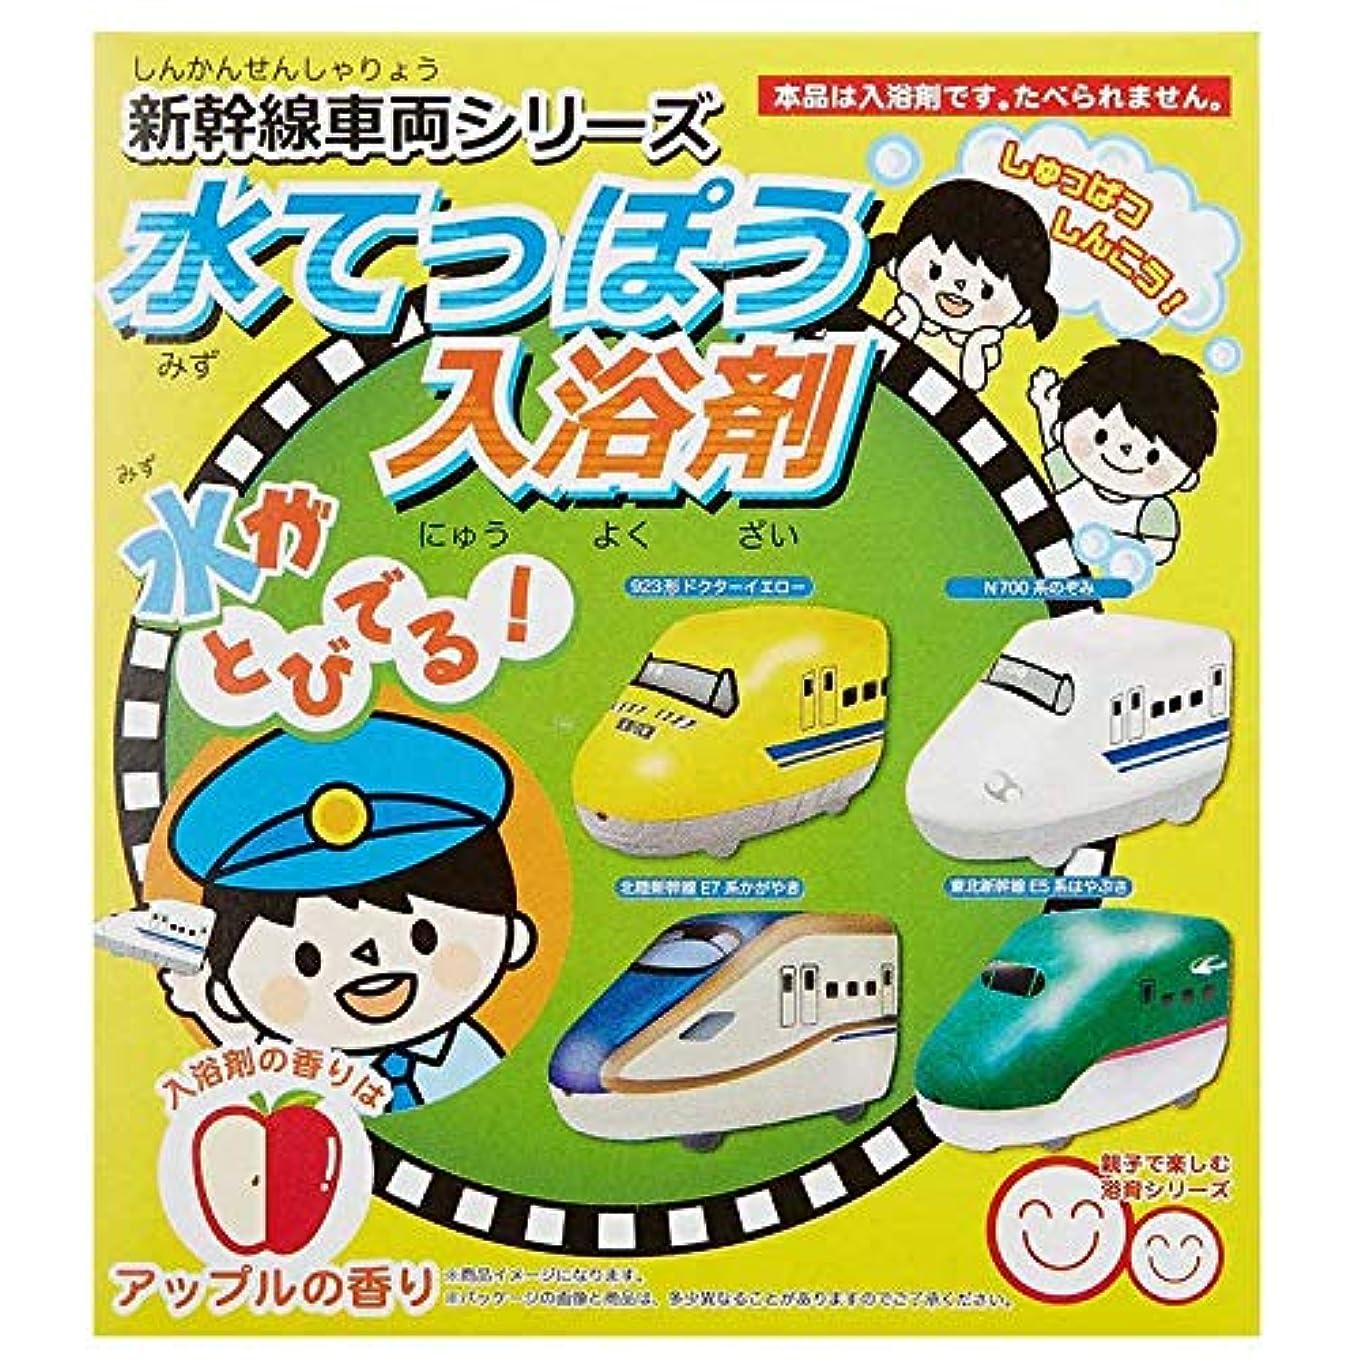 手首キルト廃止柄はおまかせ 新幹線シリーズ 水てっぽう入浴剤 [215711]